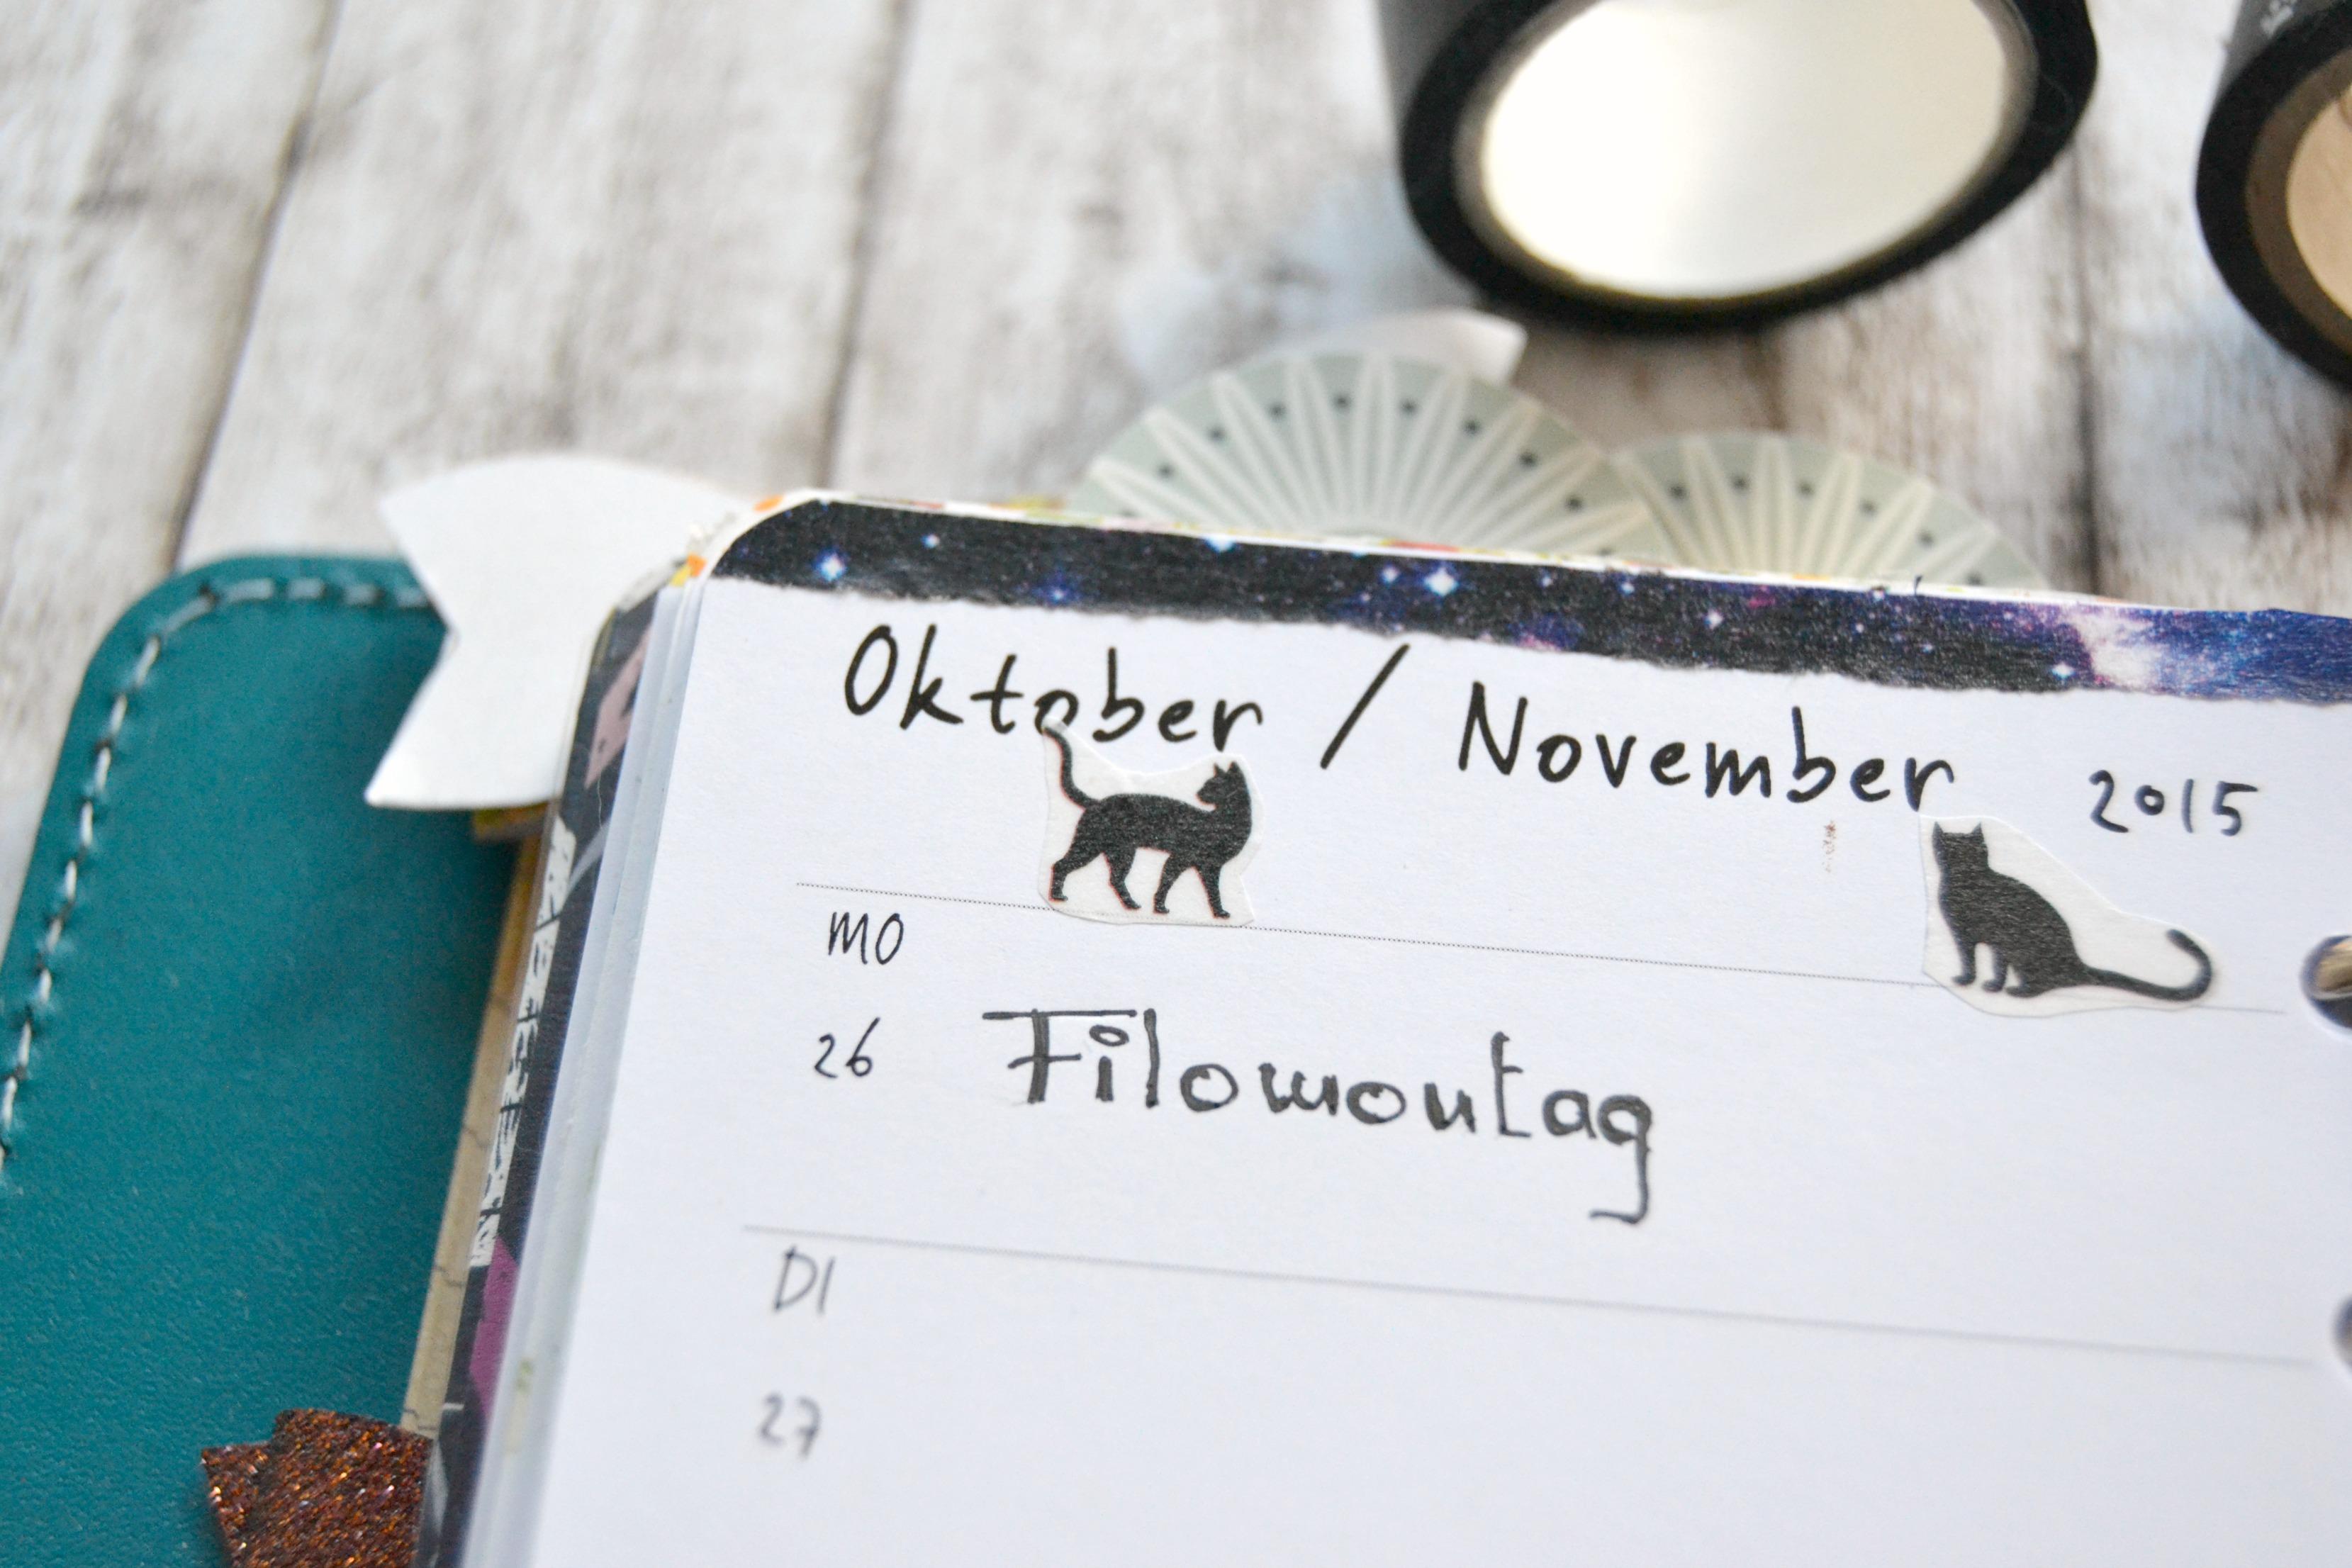 2015-10-25-filomontag29-06